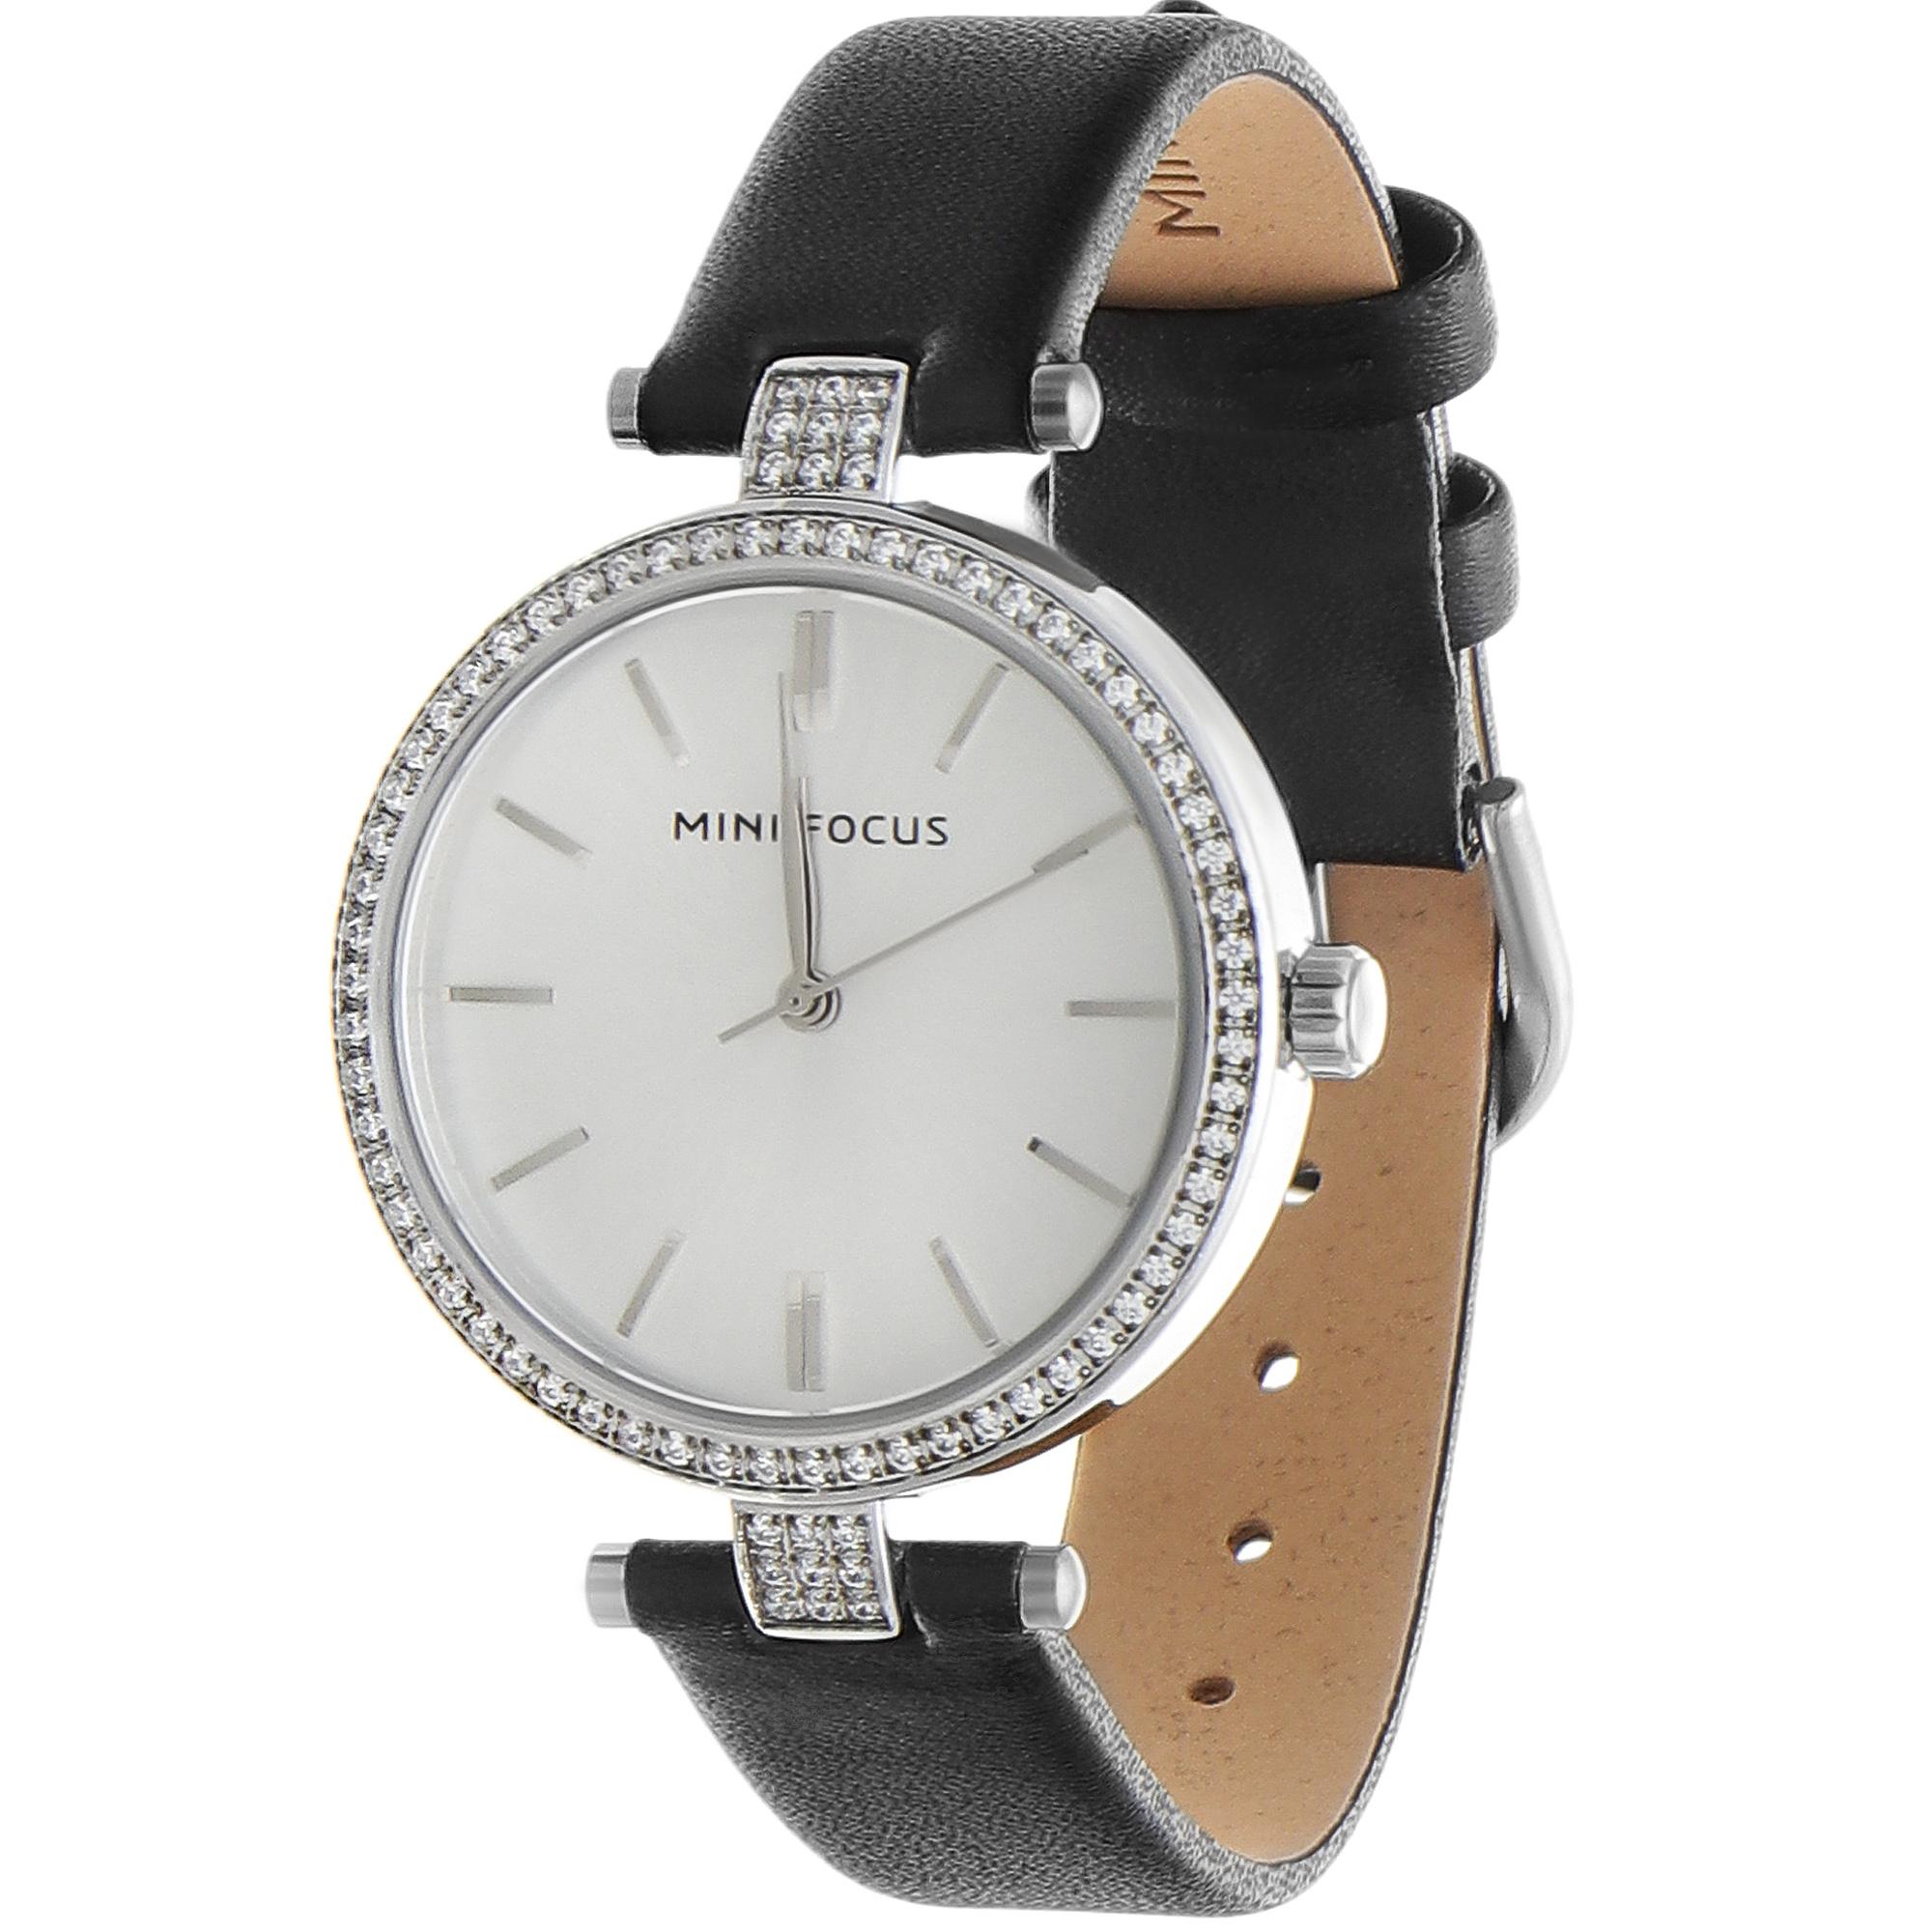 Часы наручные Minifocus MF211901PU часы наручные shiyi watch ochstin agsda050119